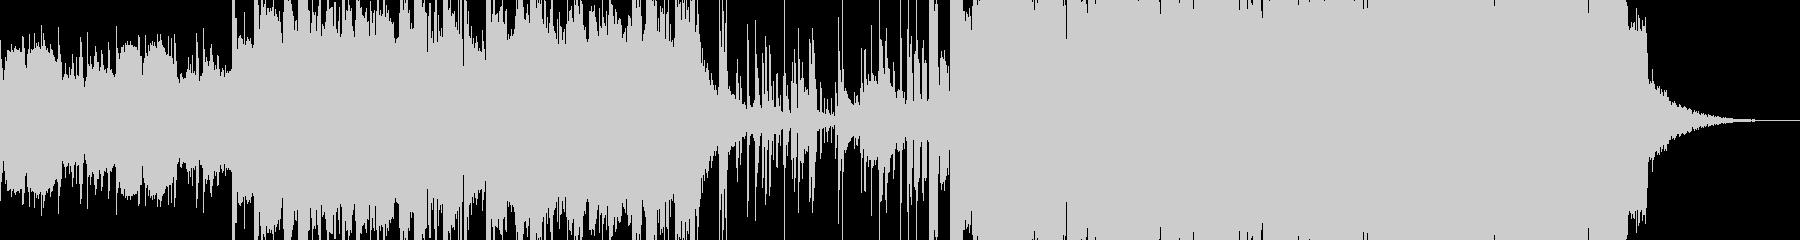 民族楽器入りの壮大なBGMの未再生の波形